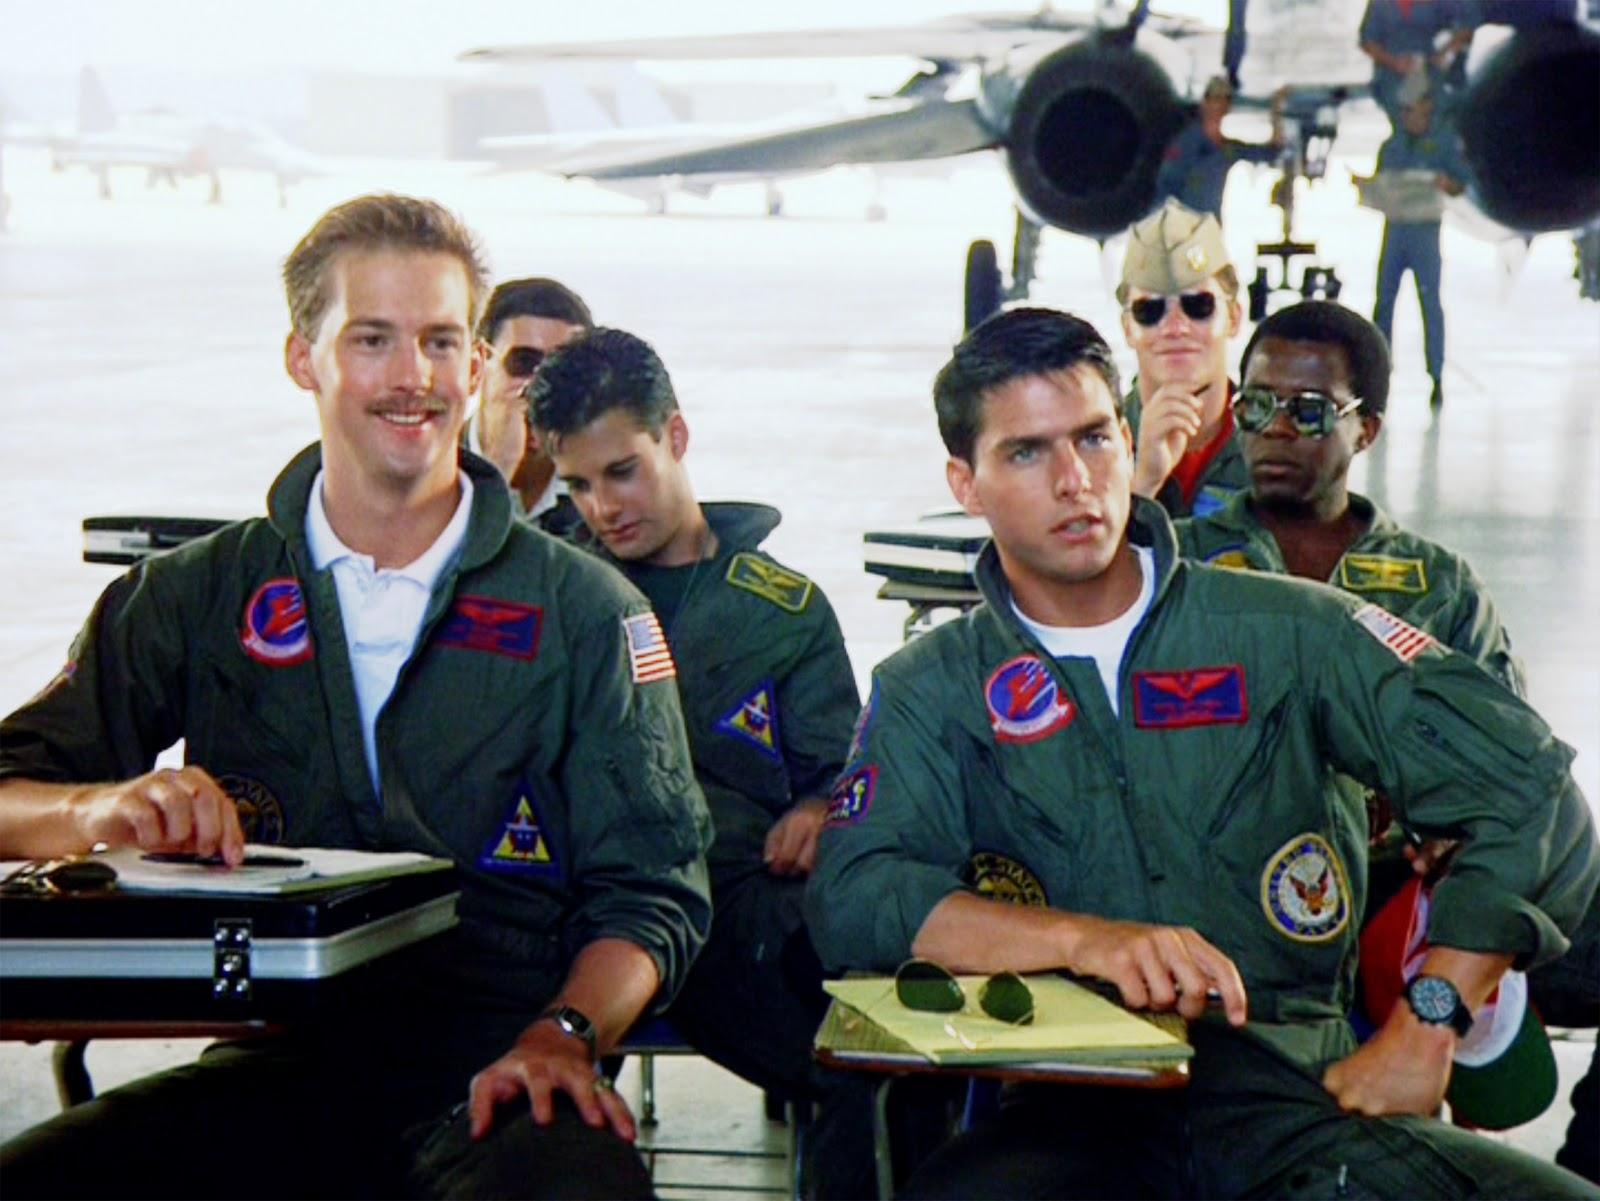 Top Gun sequel: Anthony Edward vuole ritornare come 'fantasma di Goose' (video)